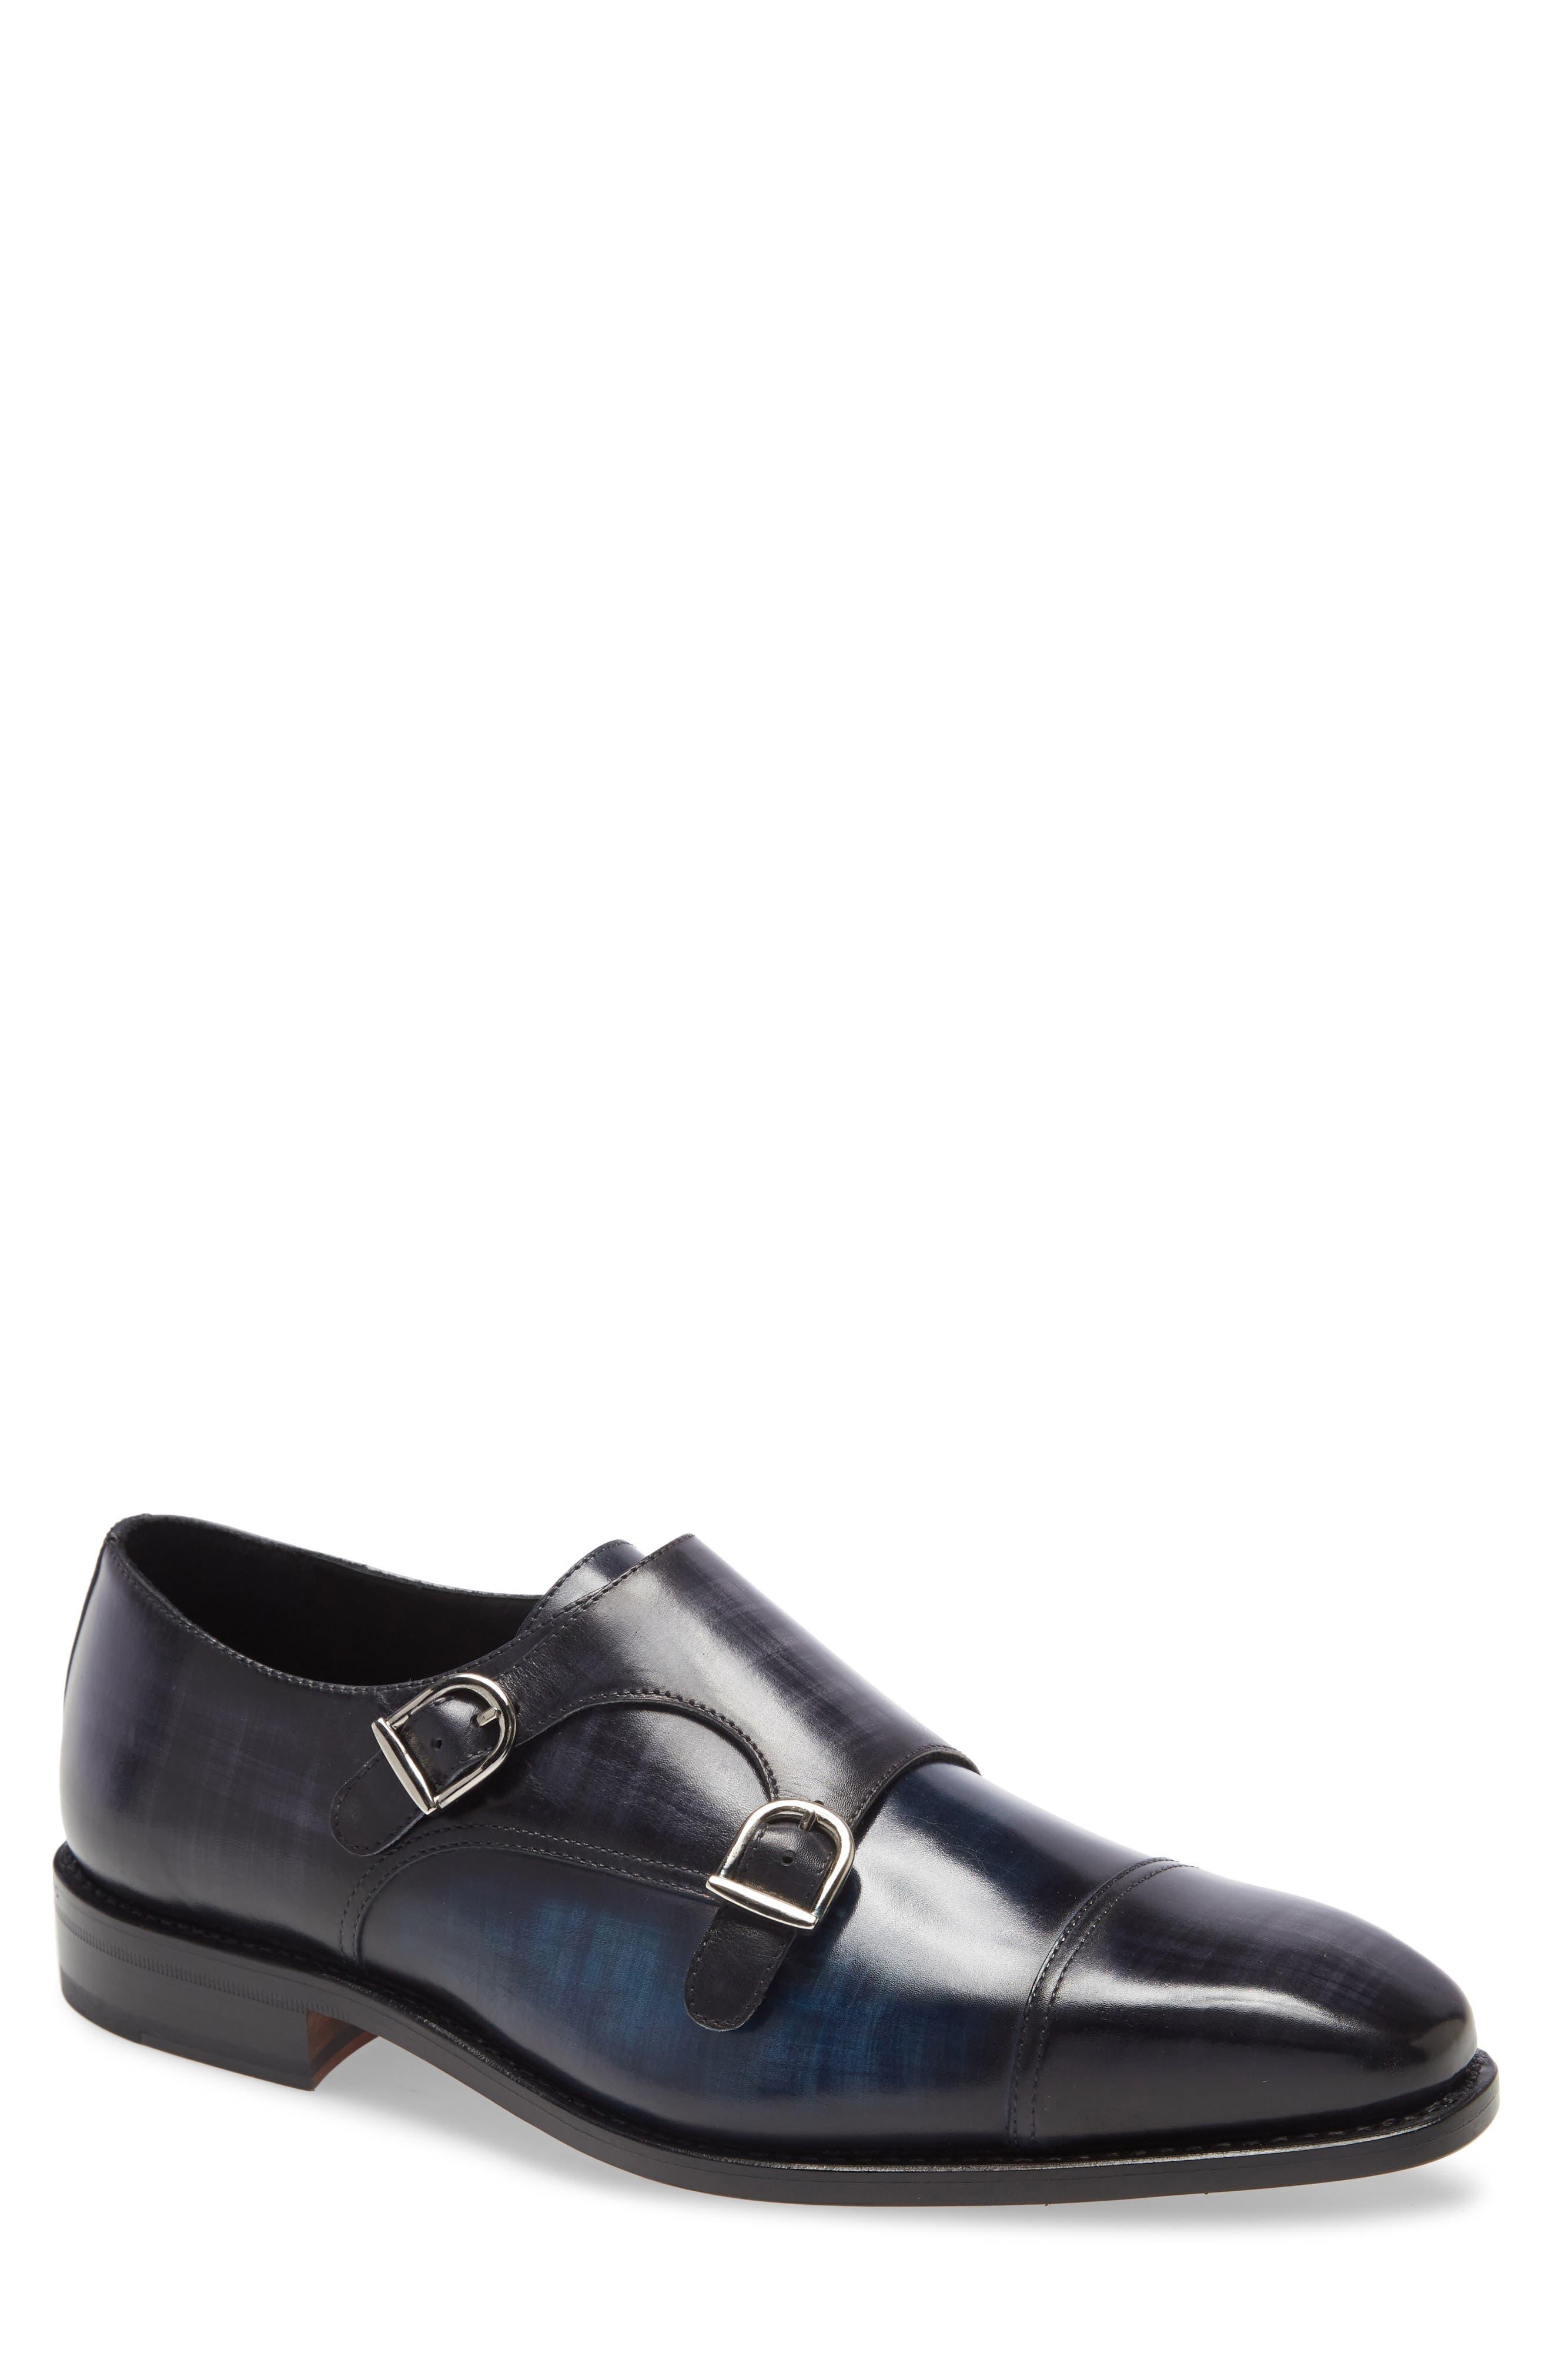 Regal Double Monk Strap Shoe